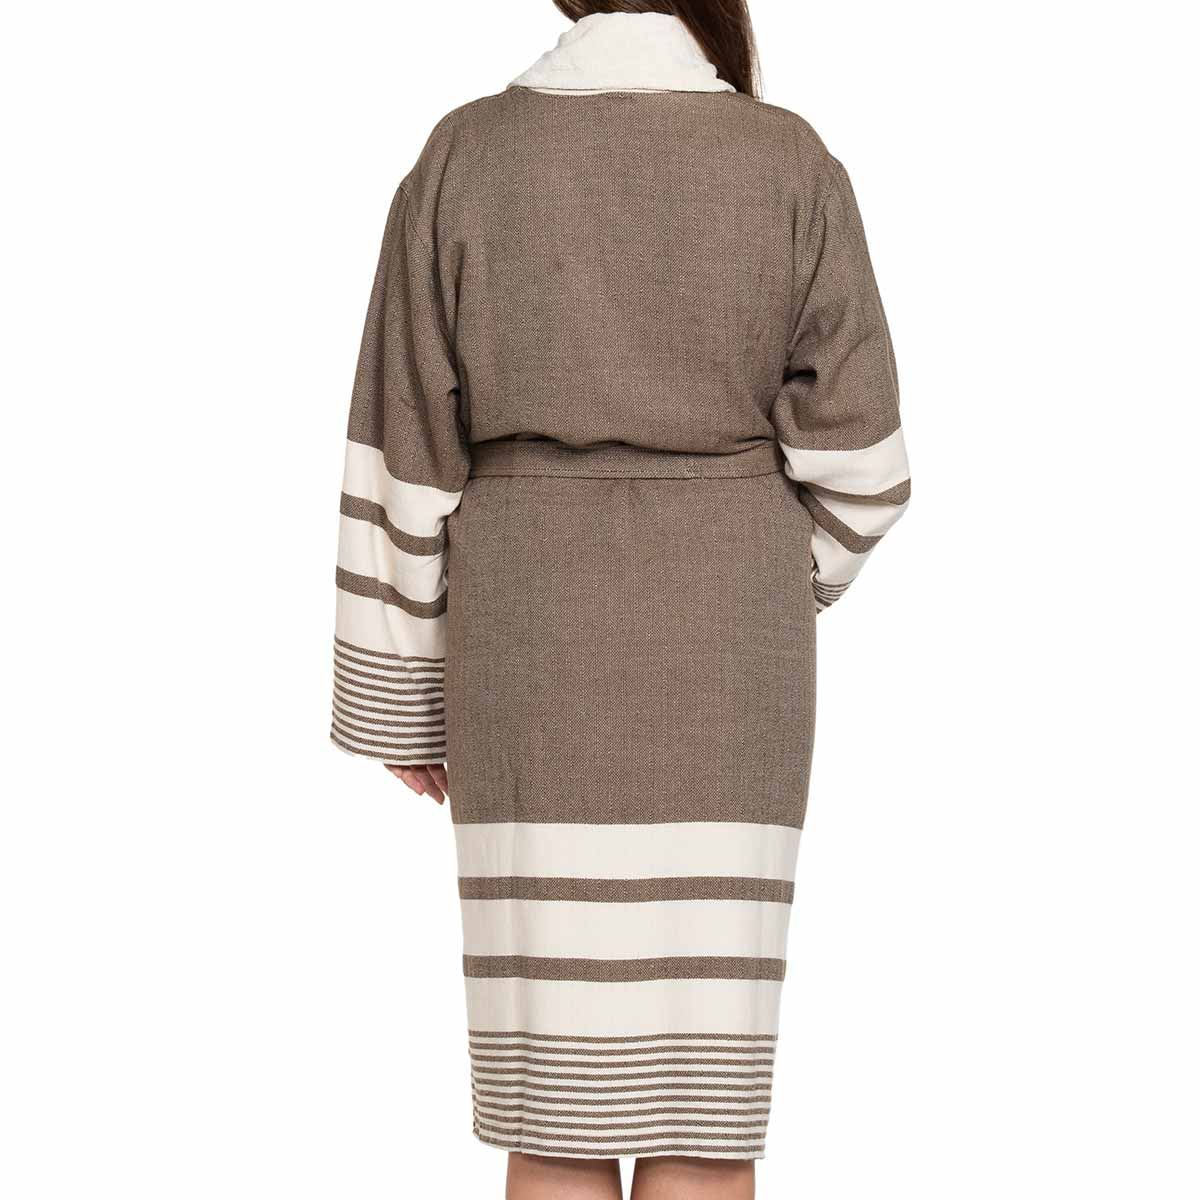 Bathrobe Tabiat with towel - Khaki